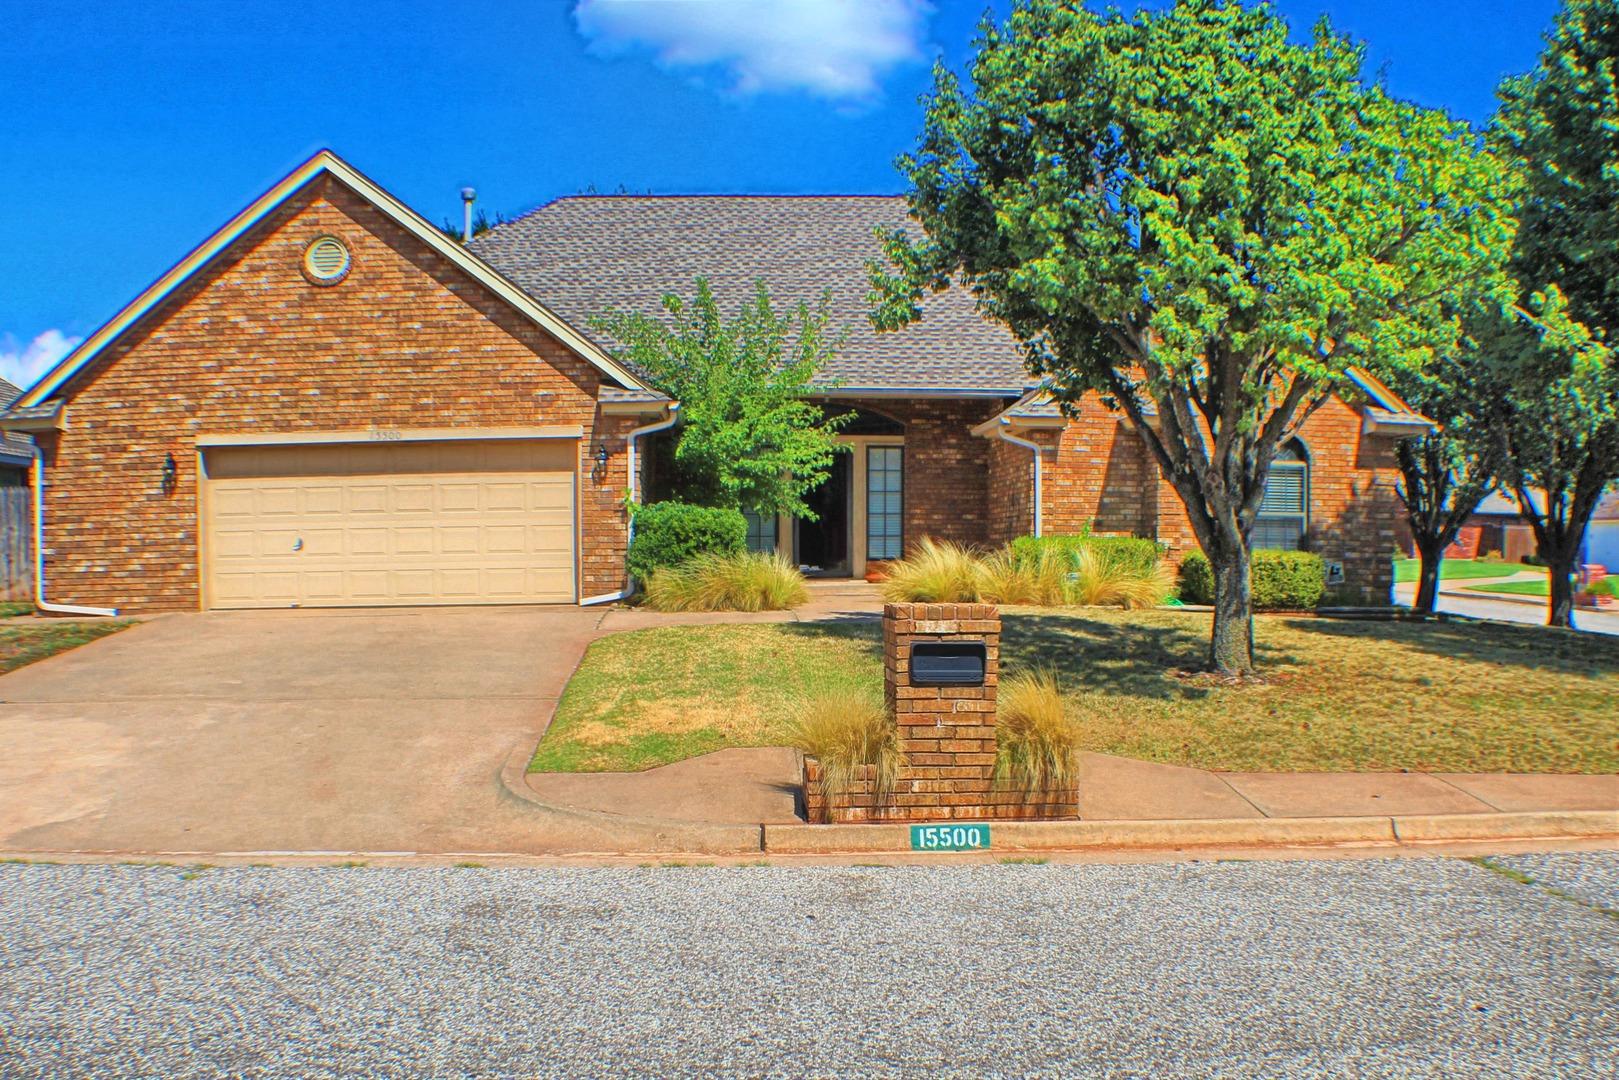 15500 Arbuckle Heights Edmond Ok 73013 Rental Listing Real